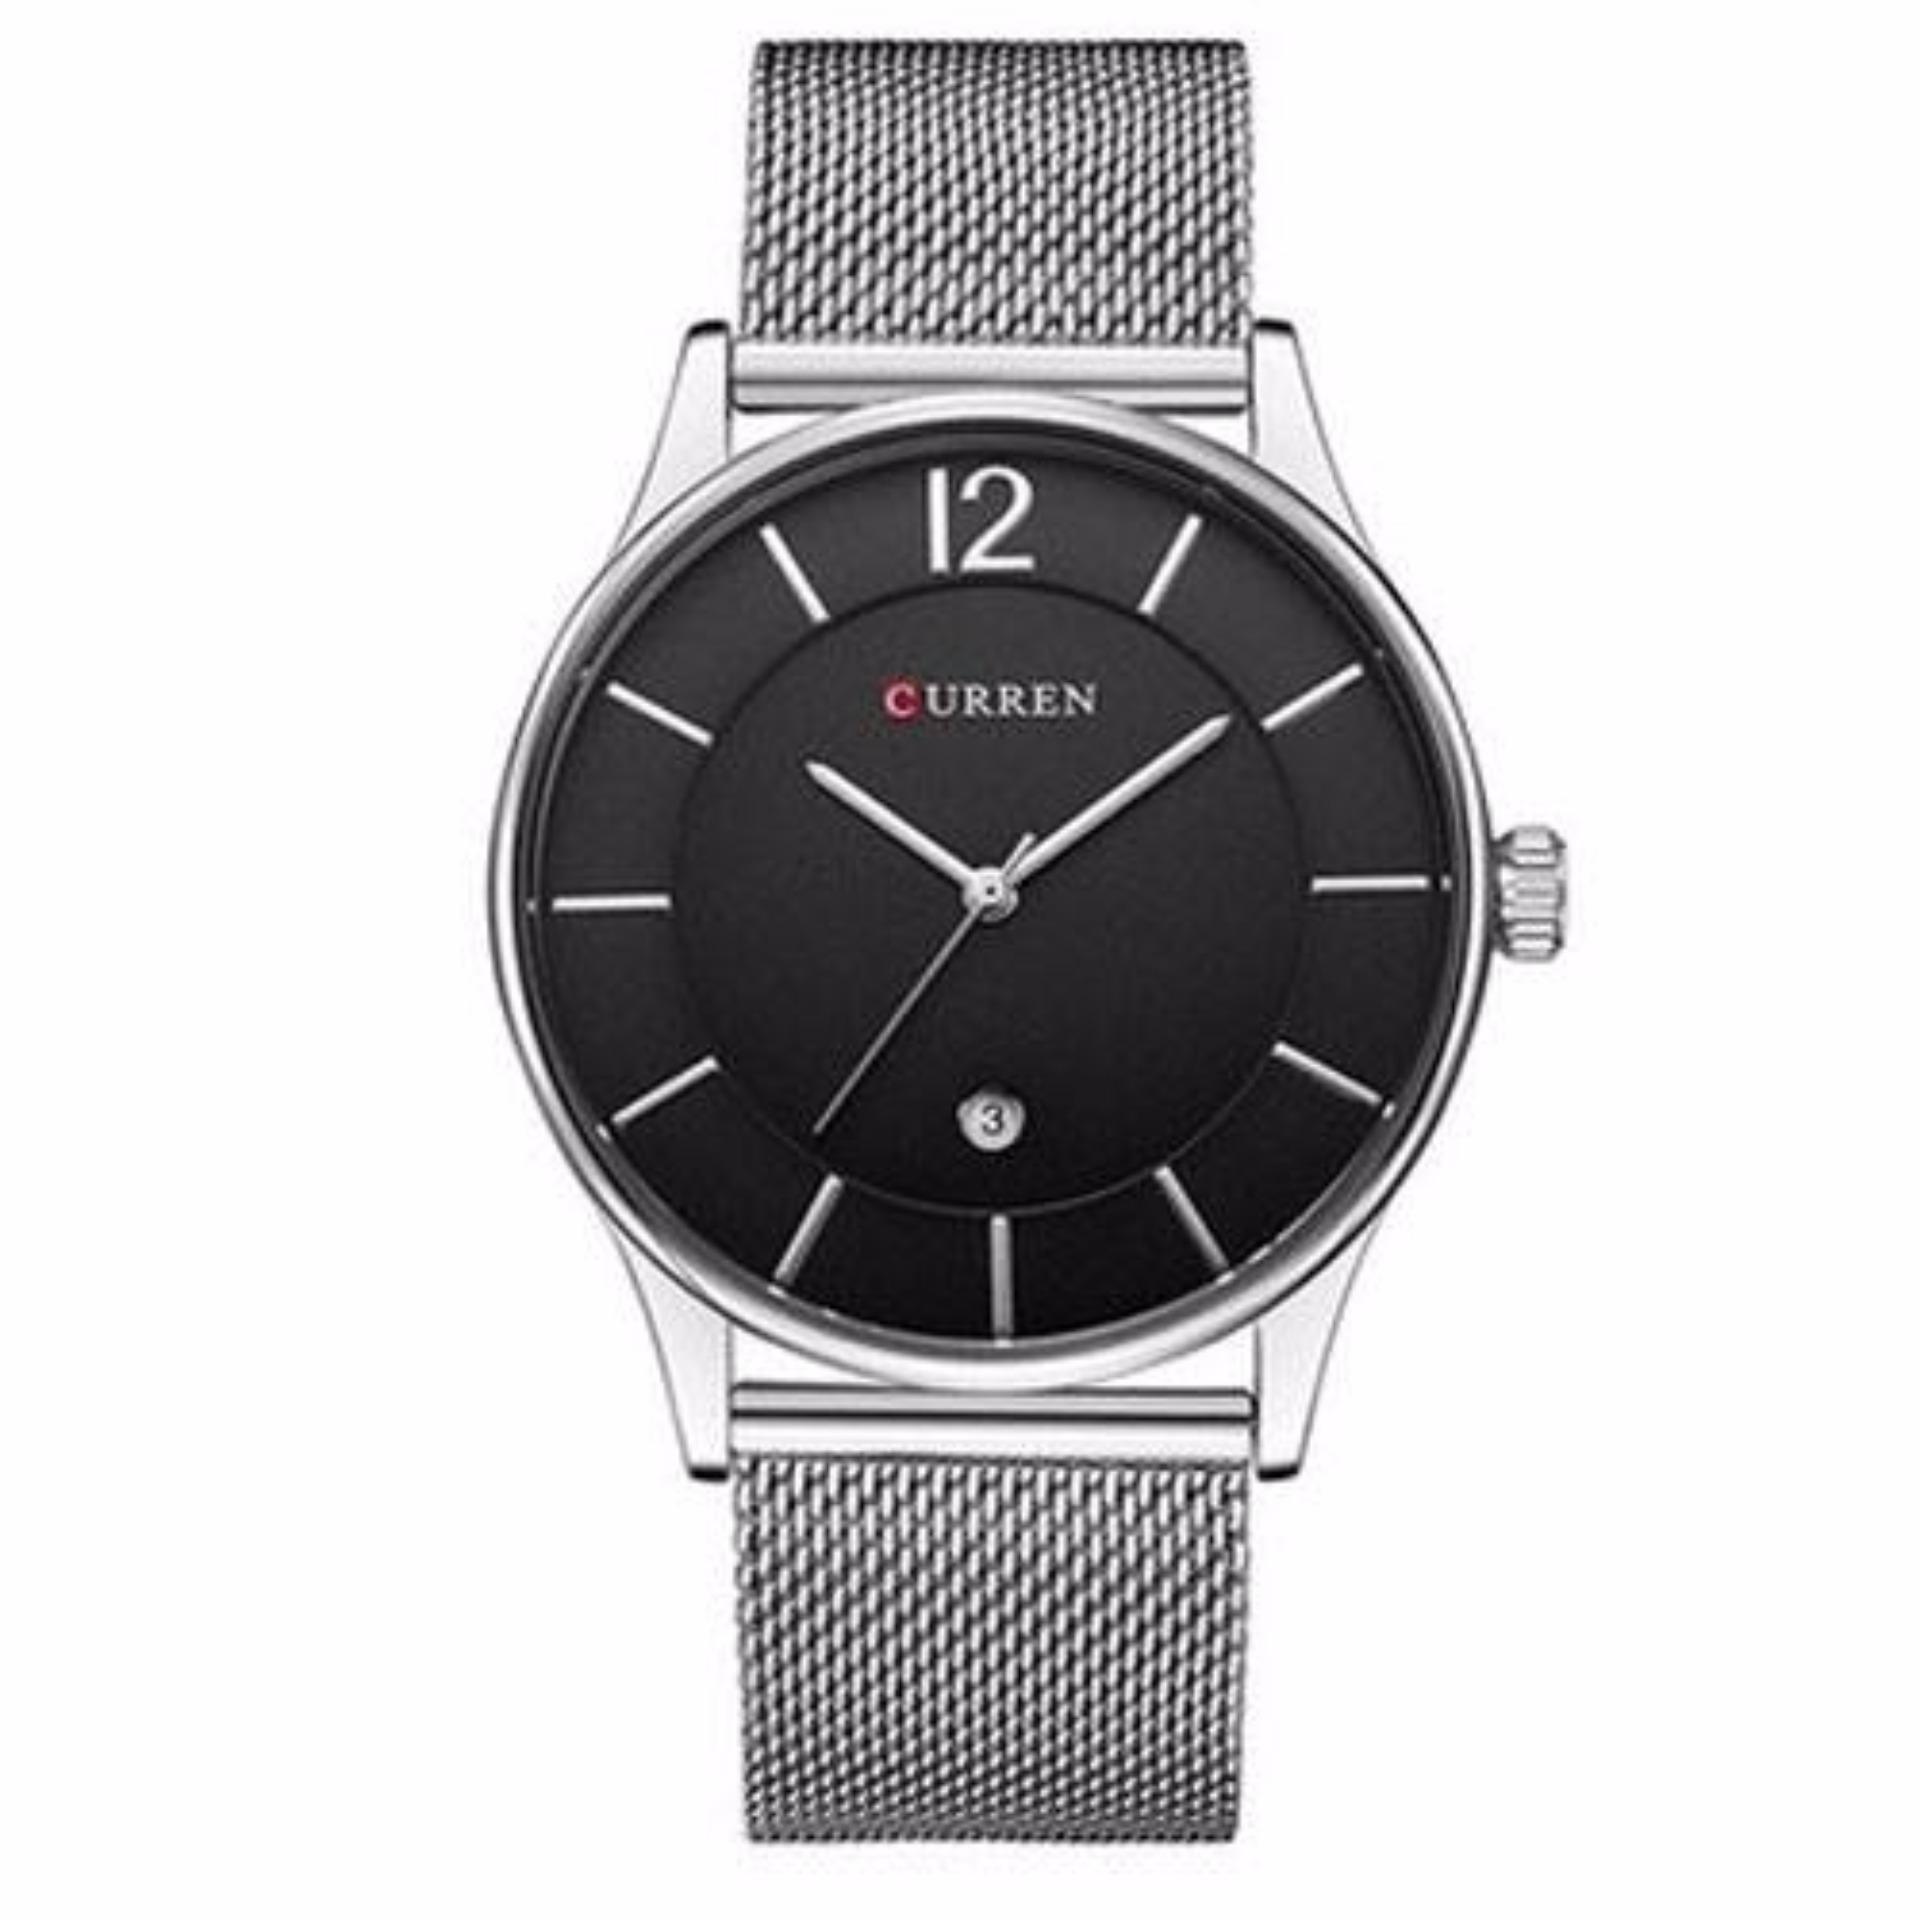 Đồng hồ nam Curren 8231 dây trắng mặt đen cực men